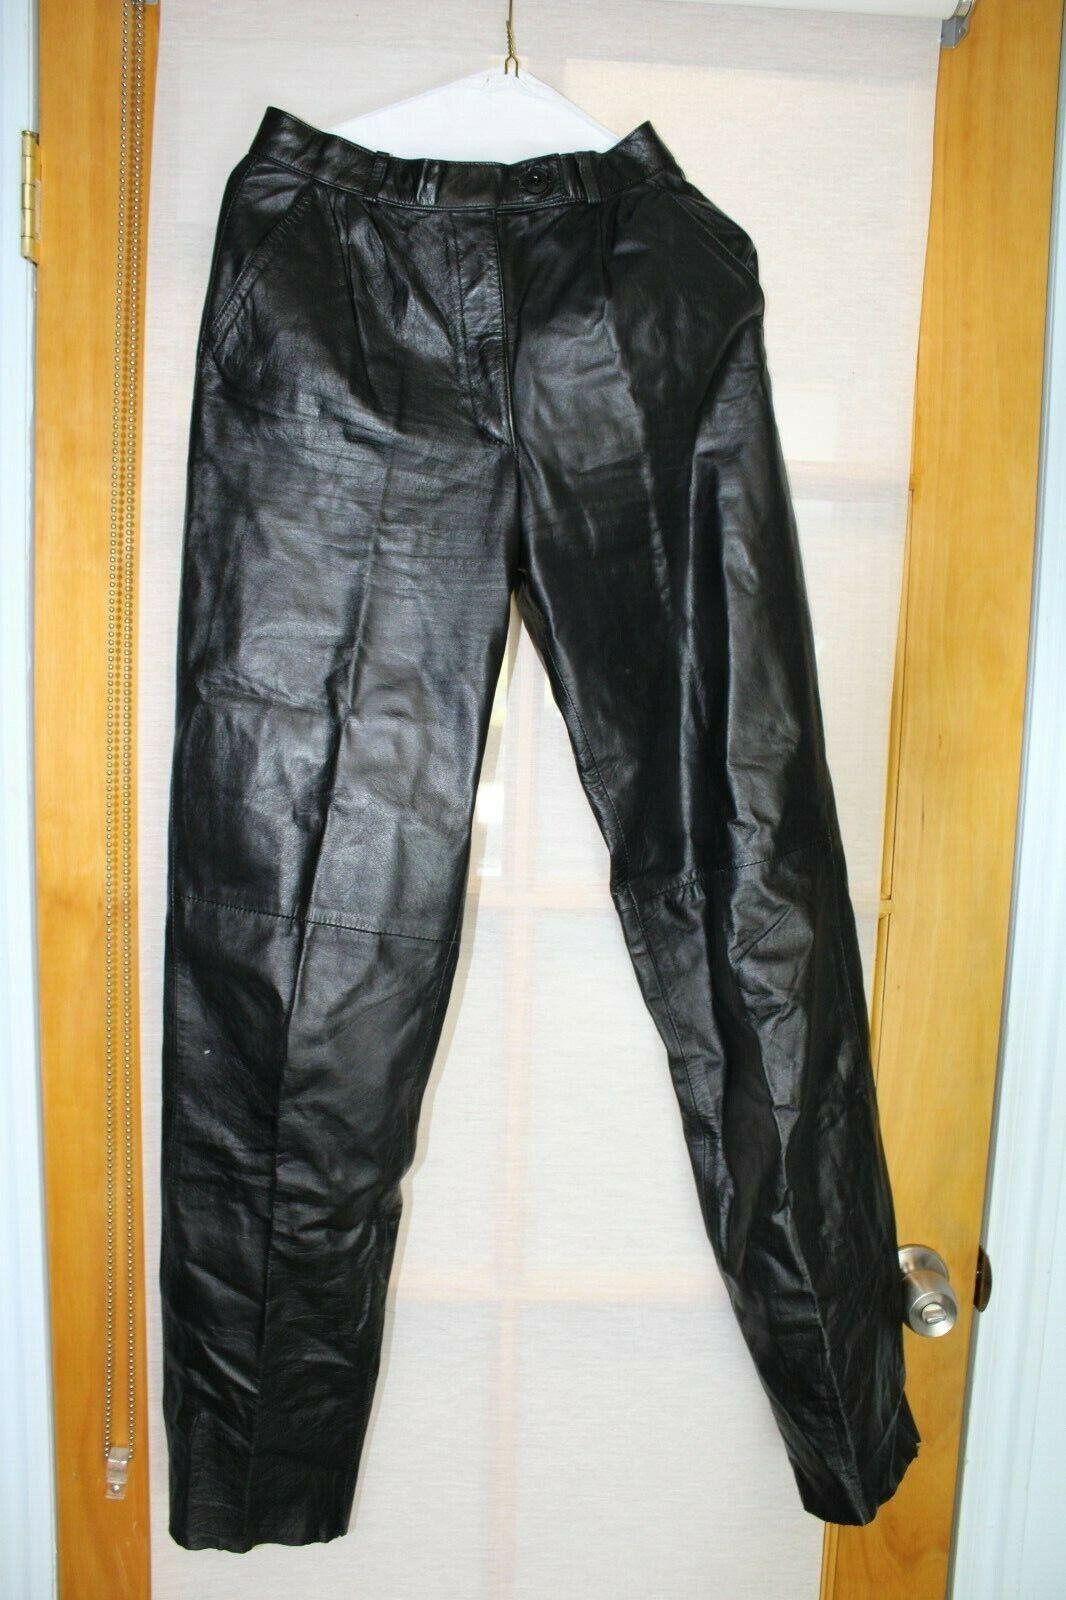 Vintage 1970's CASABLANCA leather PANTS